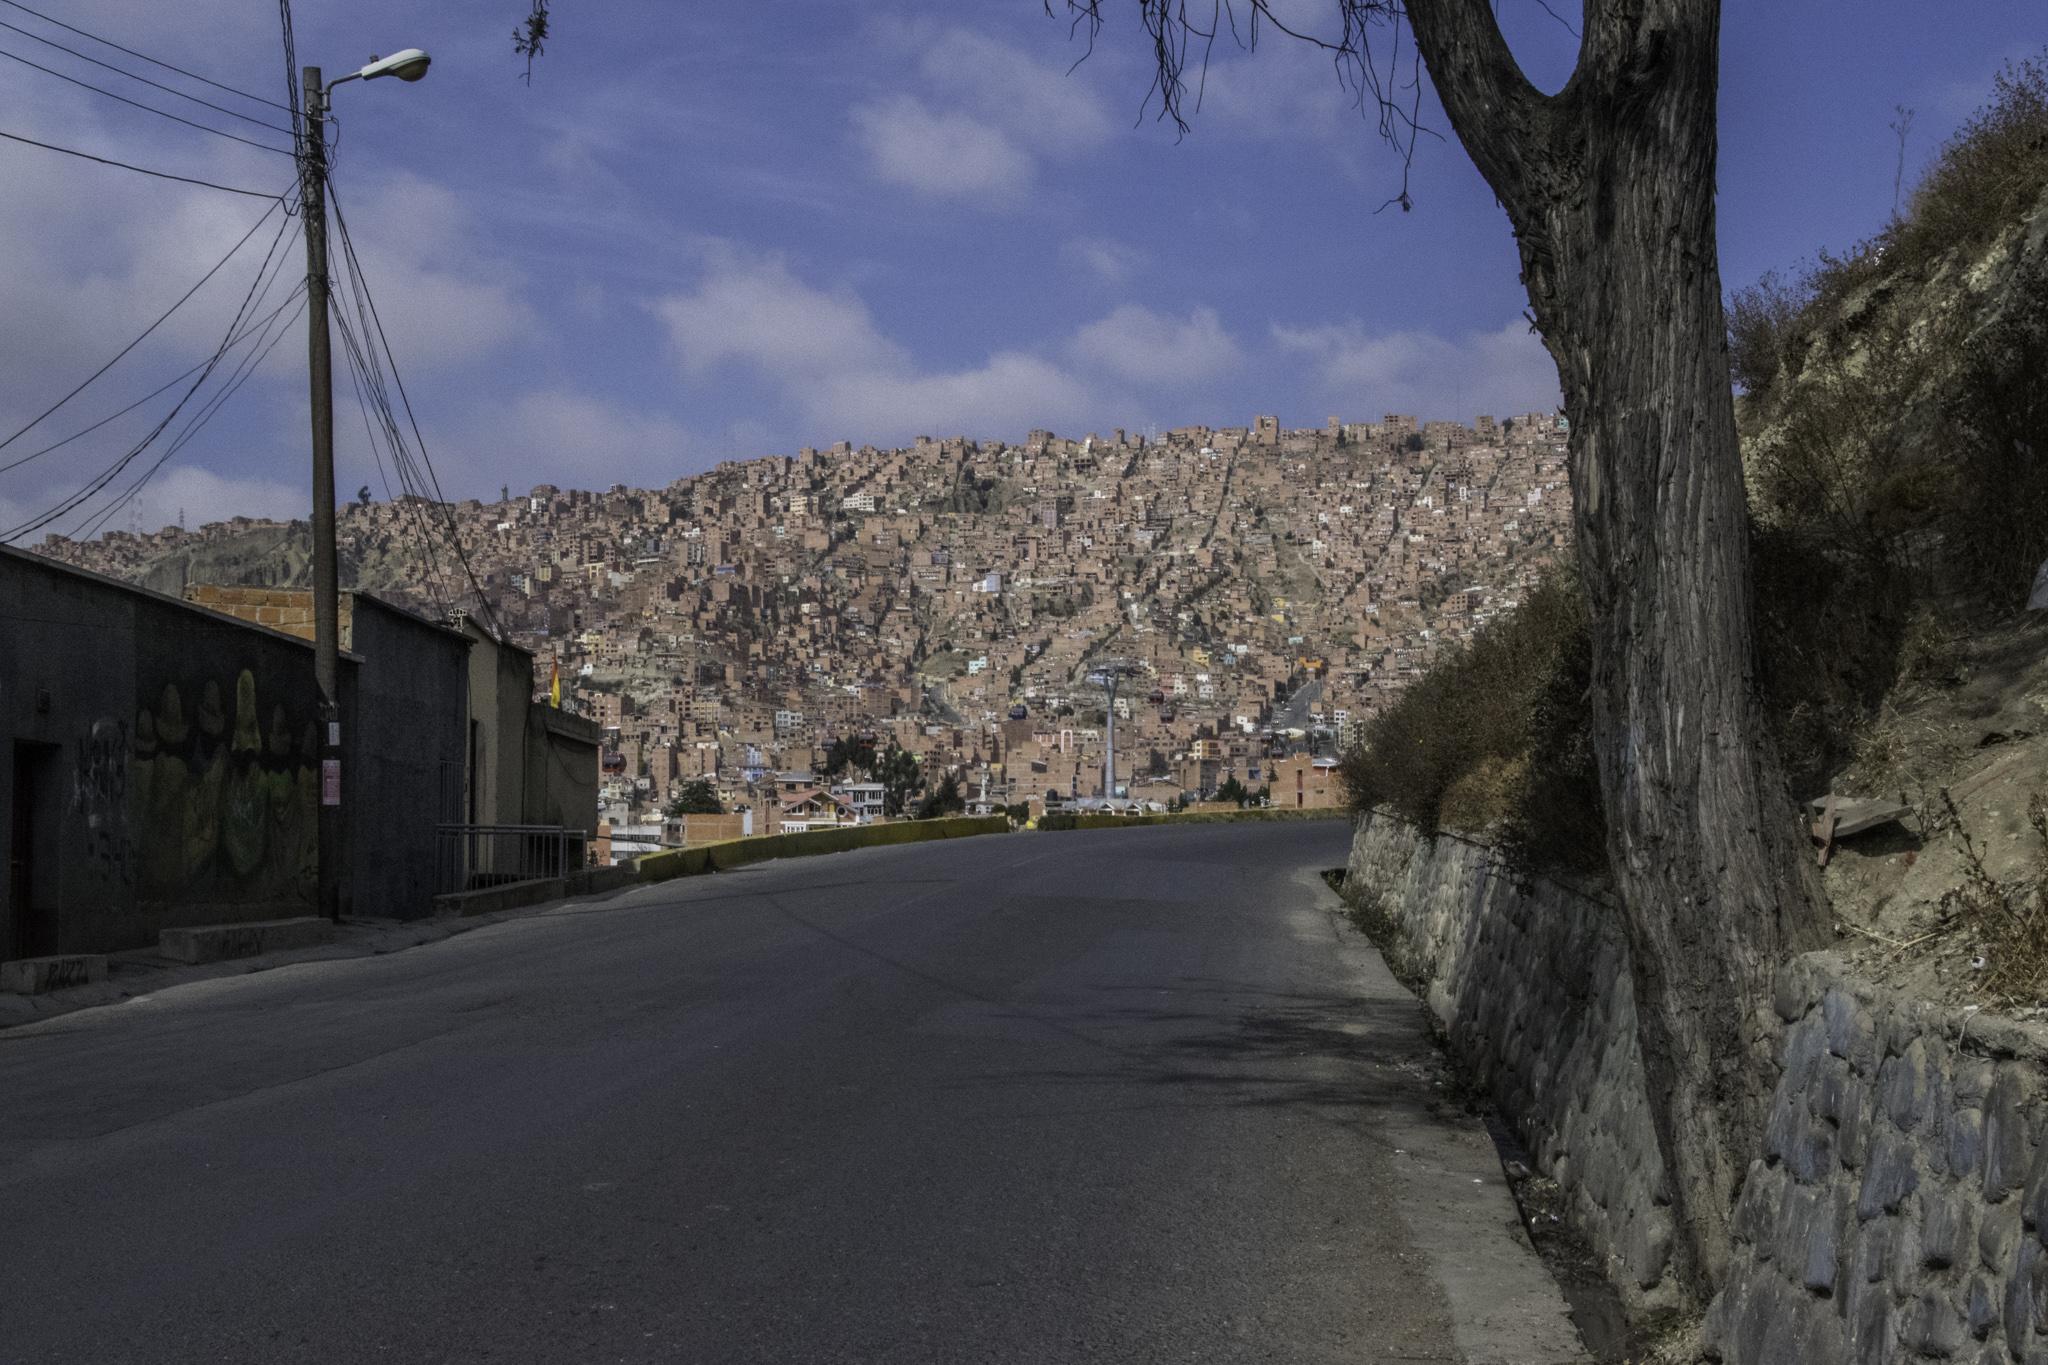 Ausfahrt aus La Paz